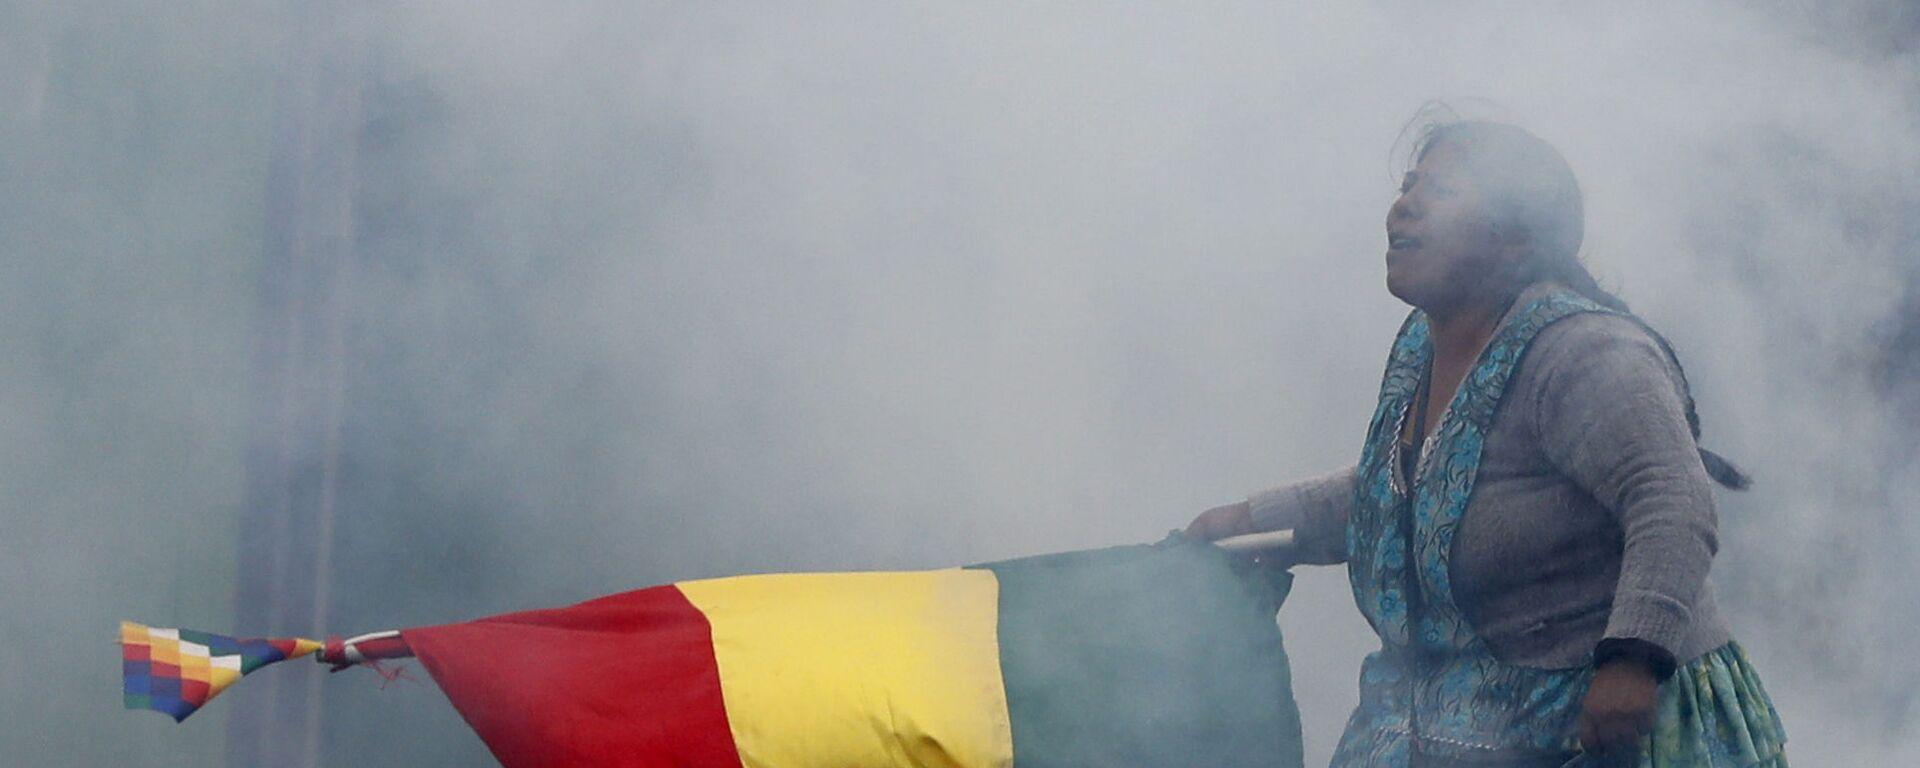 Protestas en Bolivia  - Sputnik Mundo, 1920, 12.07.2021